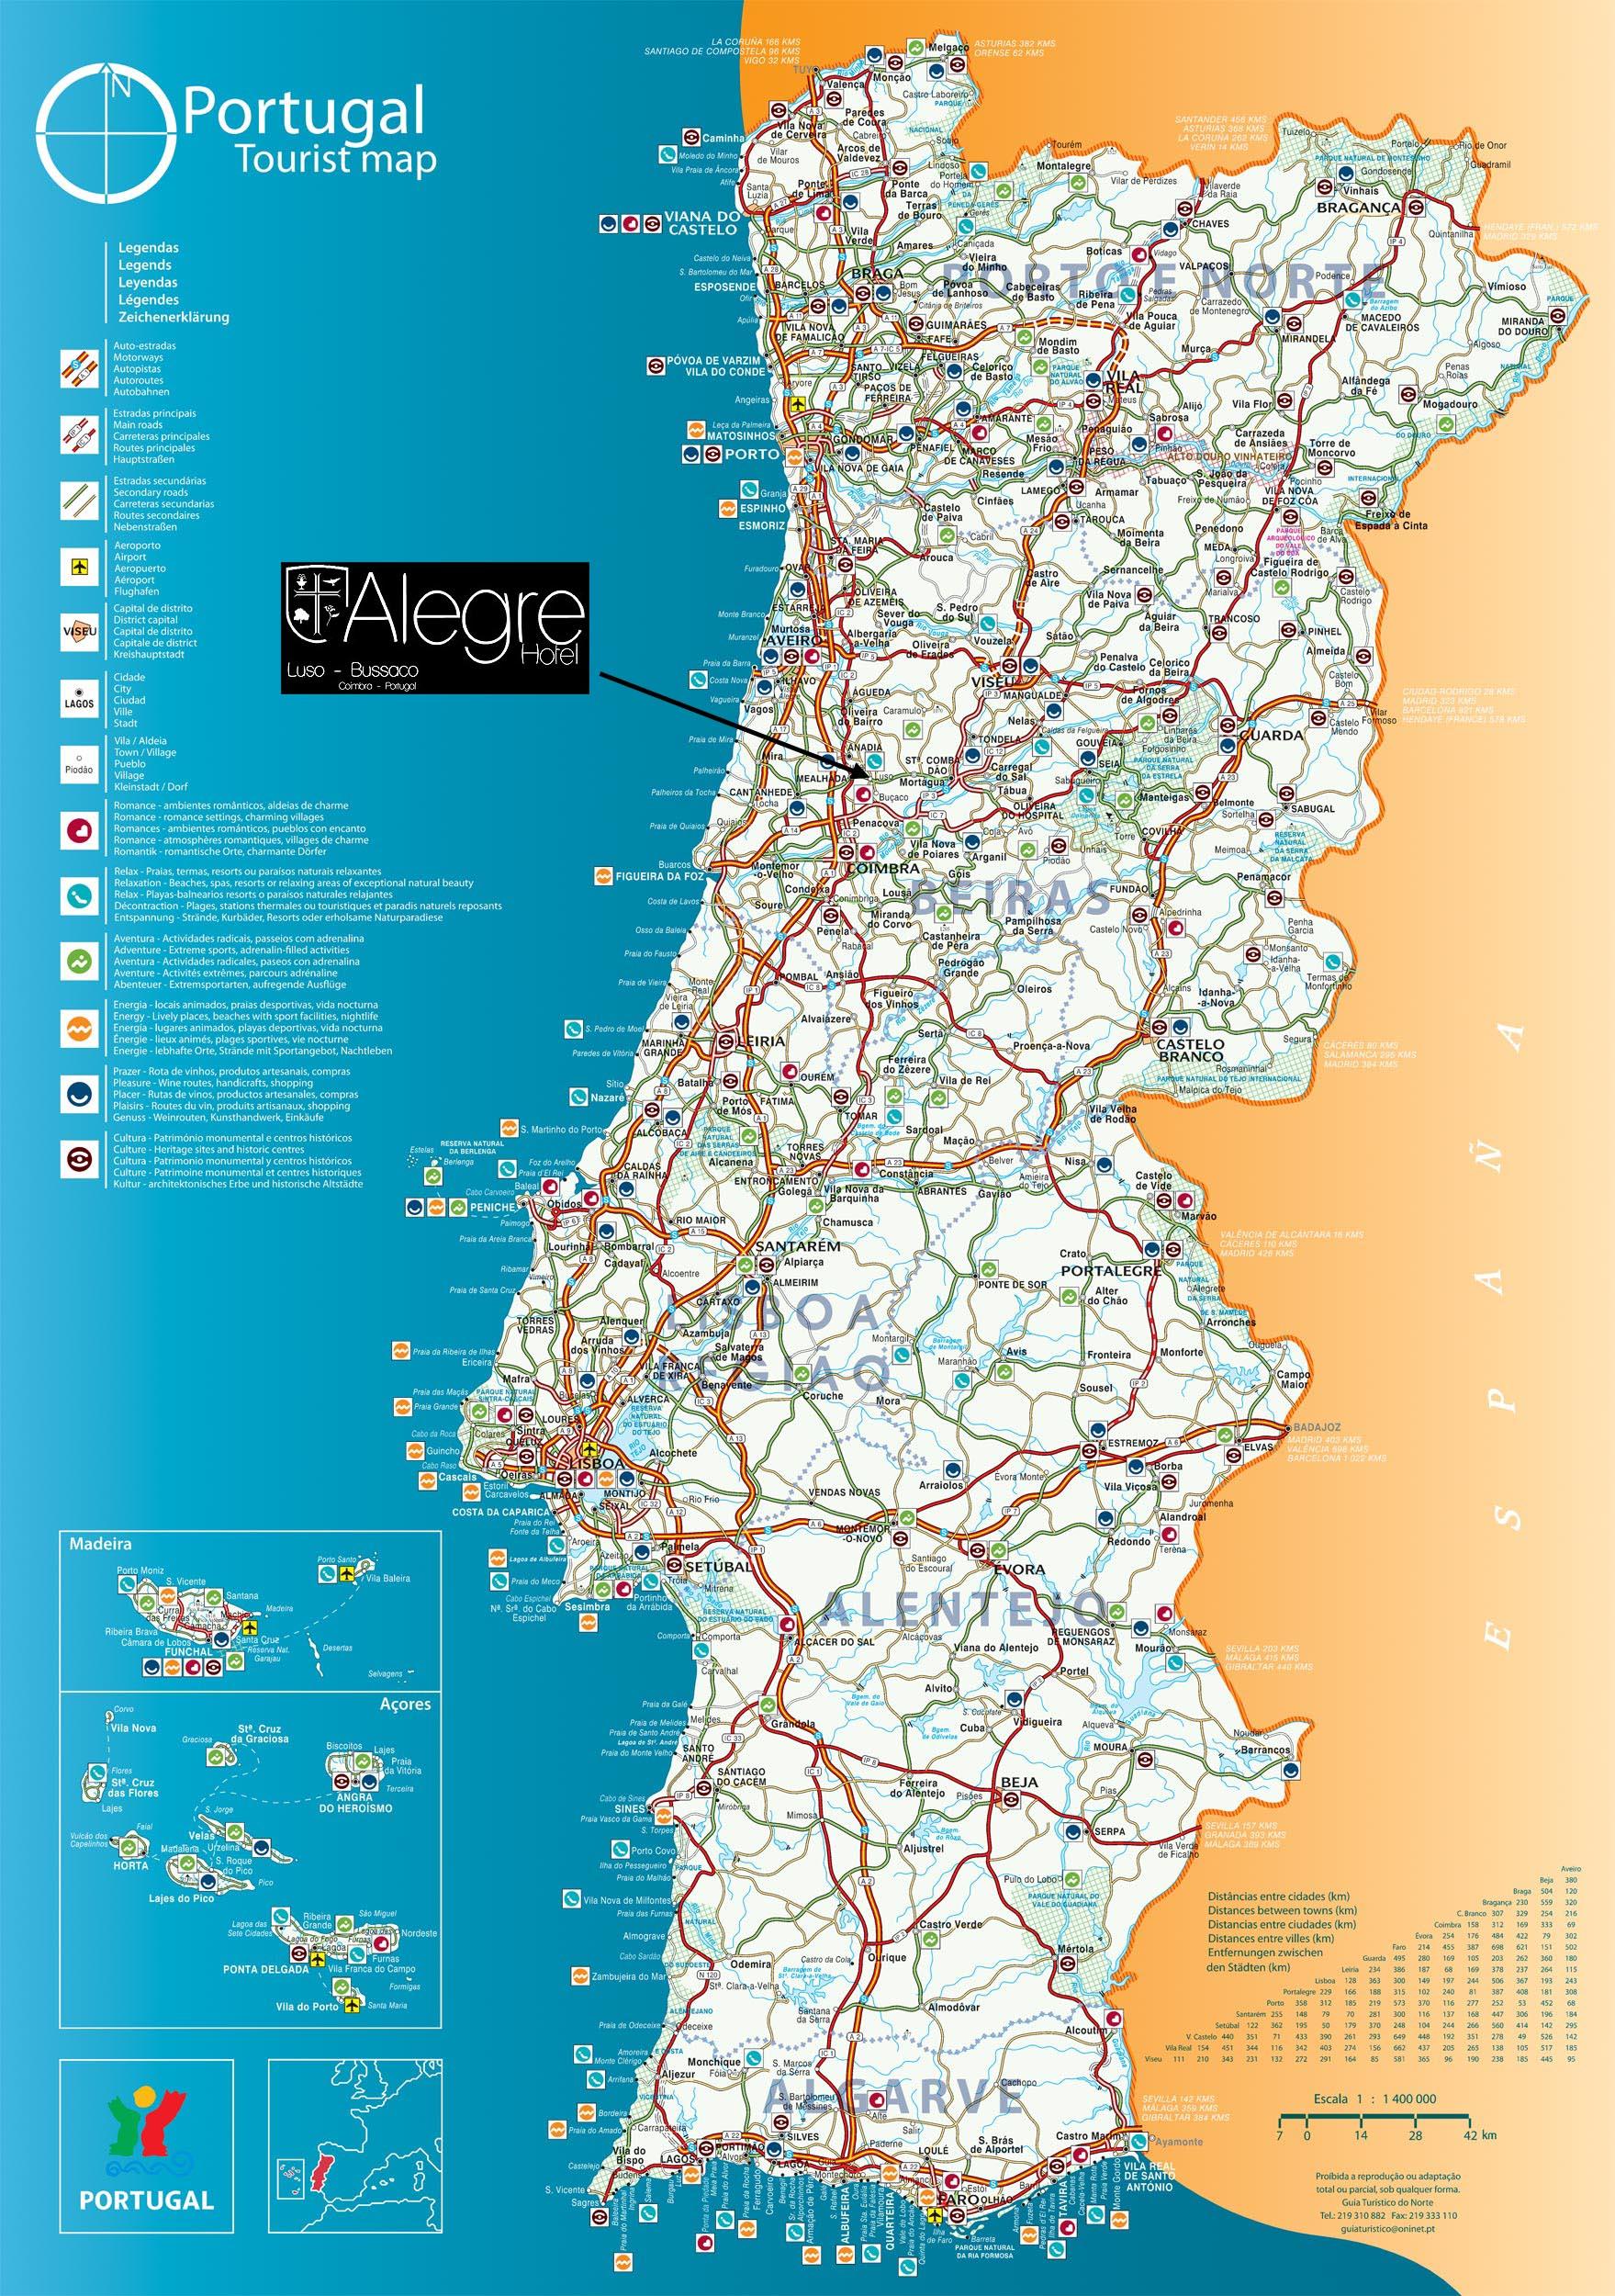 mapa de portugal luso Alegre Hotel Luso Bussaco Coimbra Oporto   Region Tours and visits mapa de portugal luso